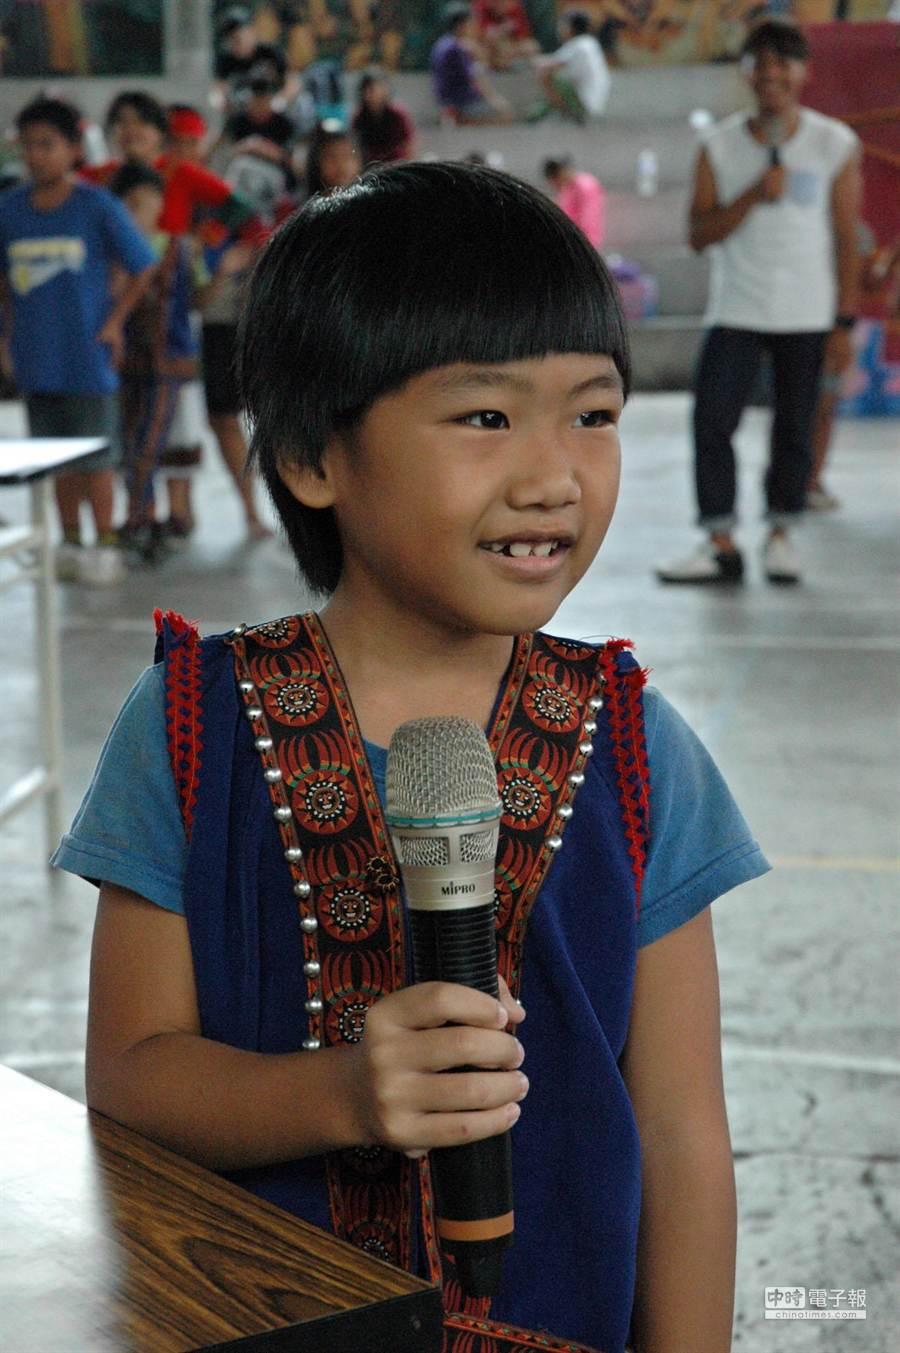 以競賽方式進行學習,在大專青年的陪伴下,原鄉孩子度過快樂暑假。(林和生攝)